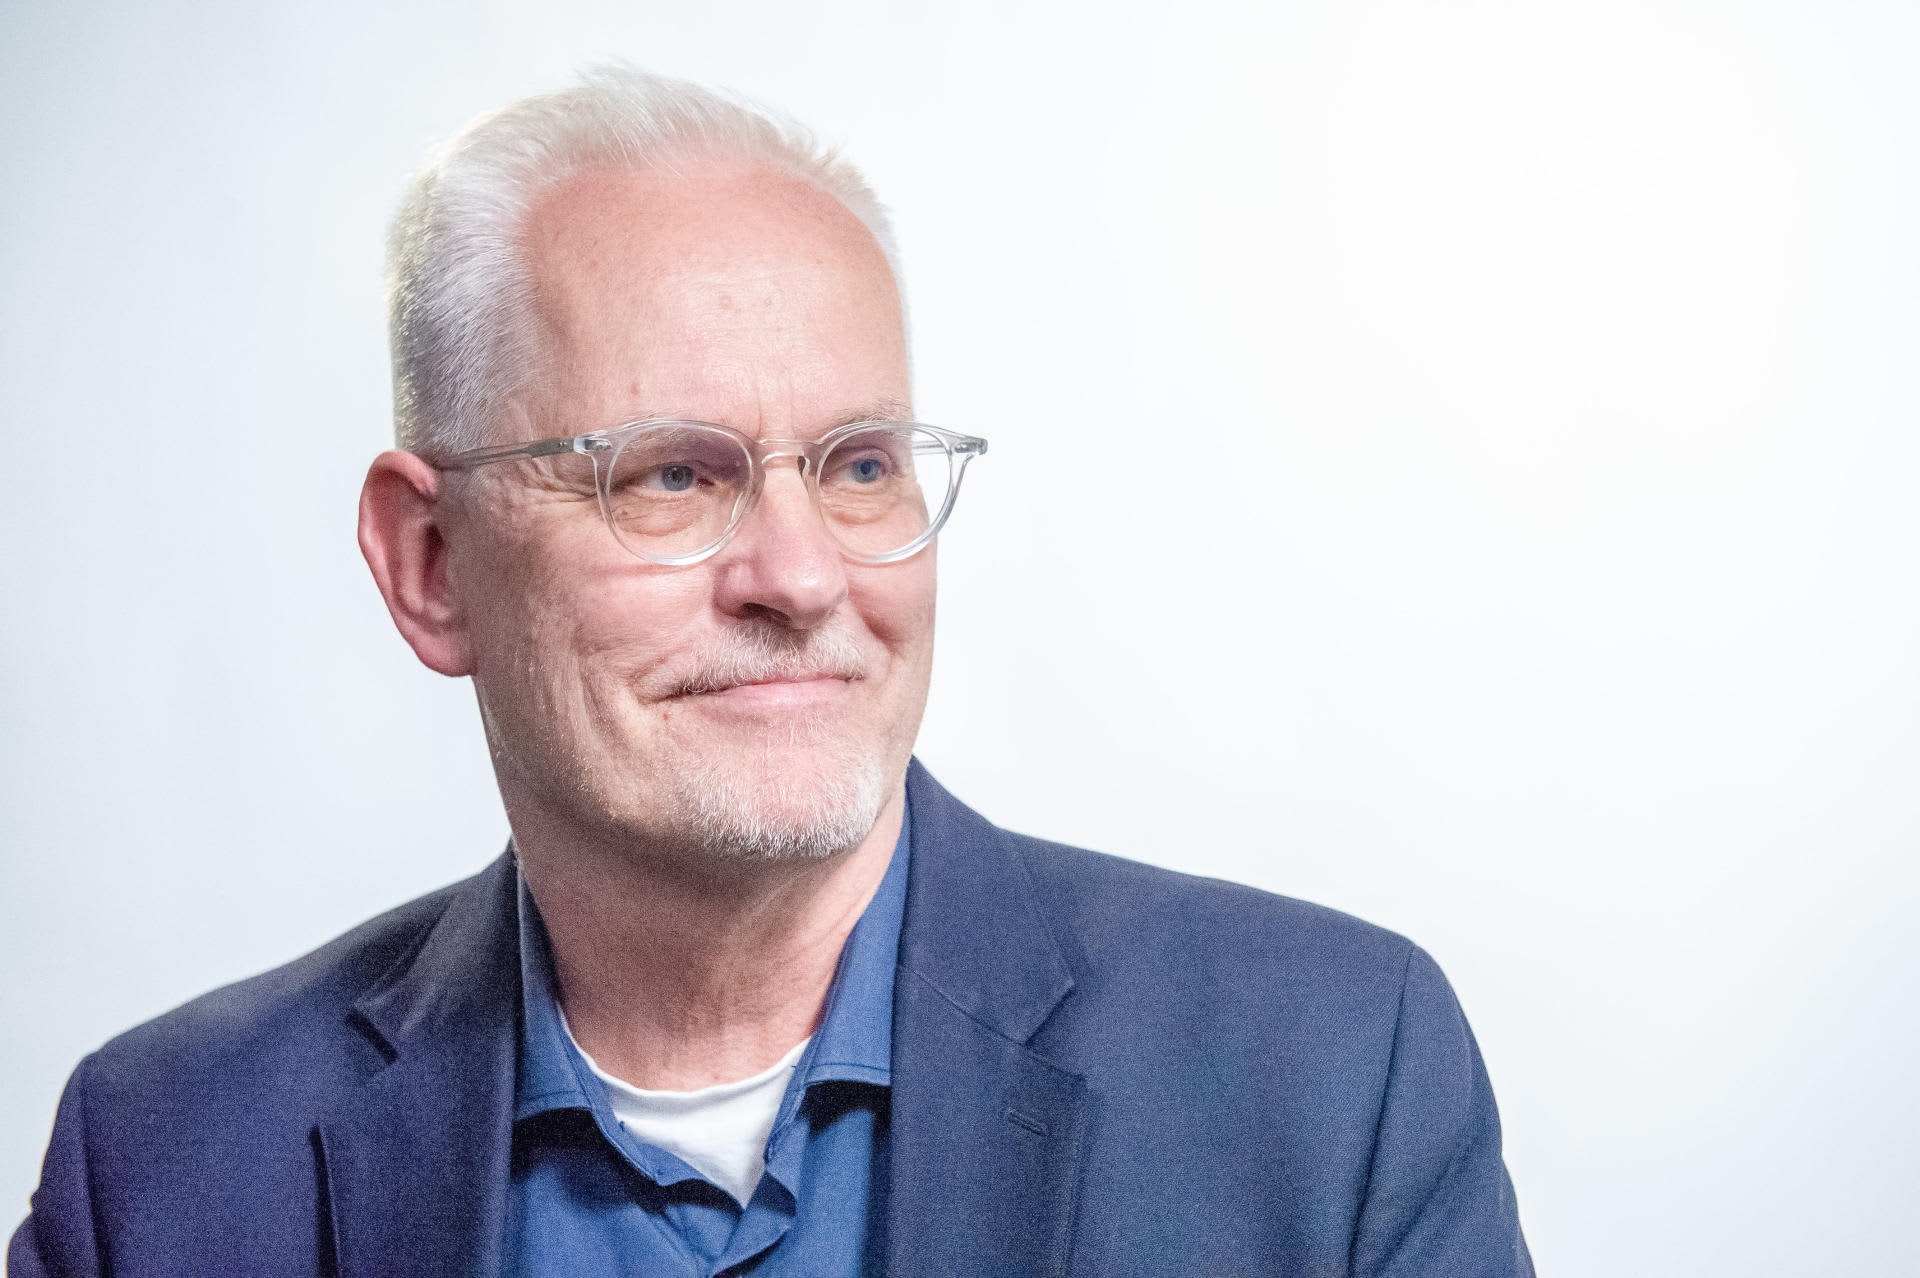 Komissiolla ei ole varaa lepsuilla, sanoo europarlamentaarikko Petri Sarvamaa (kok.).